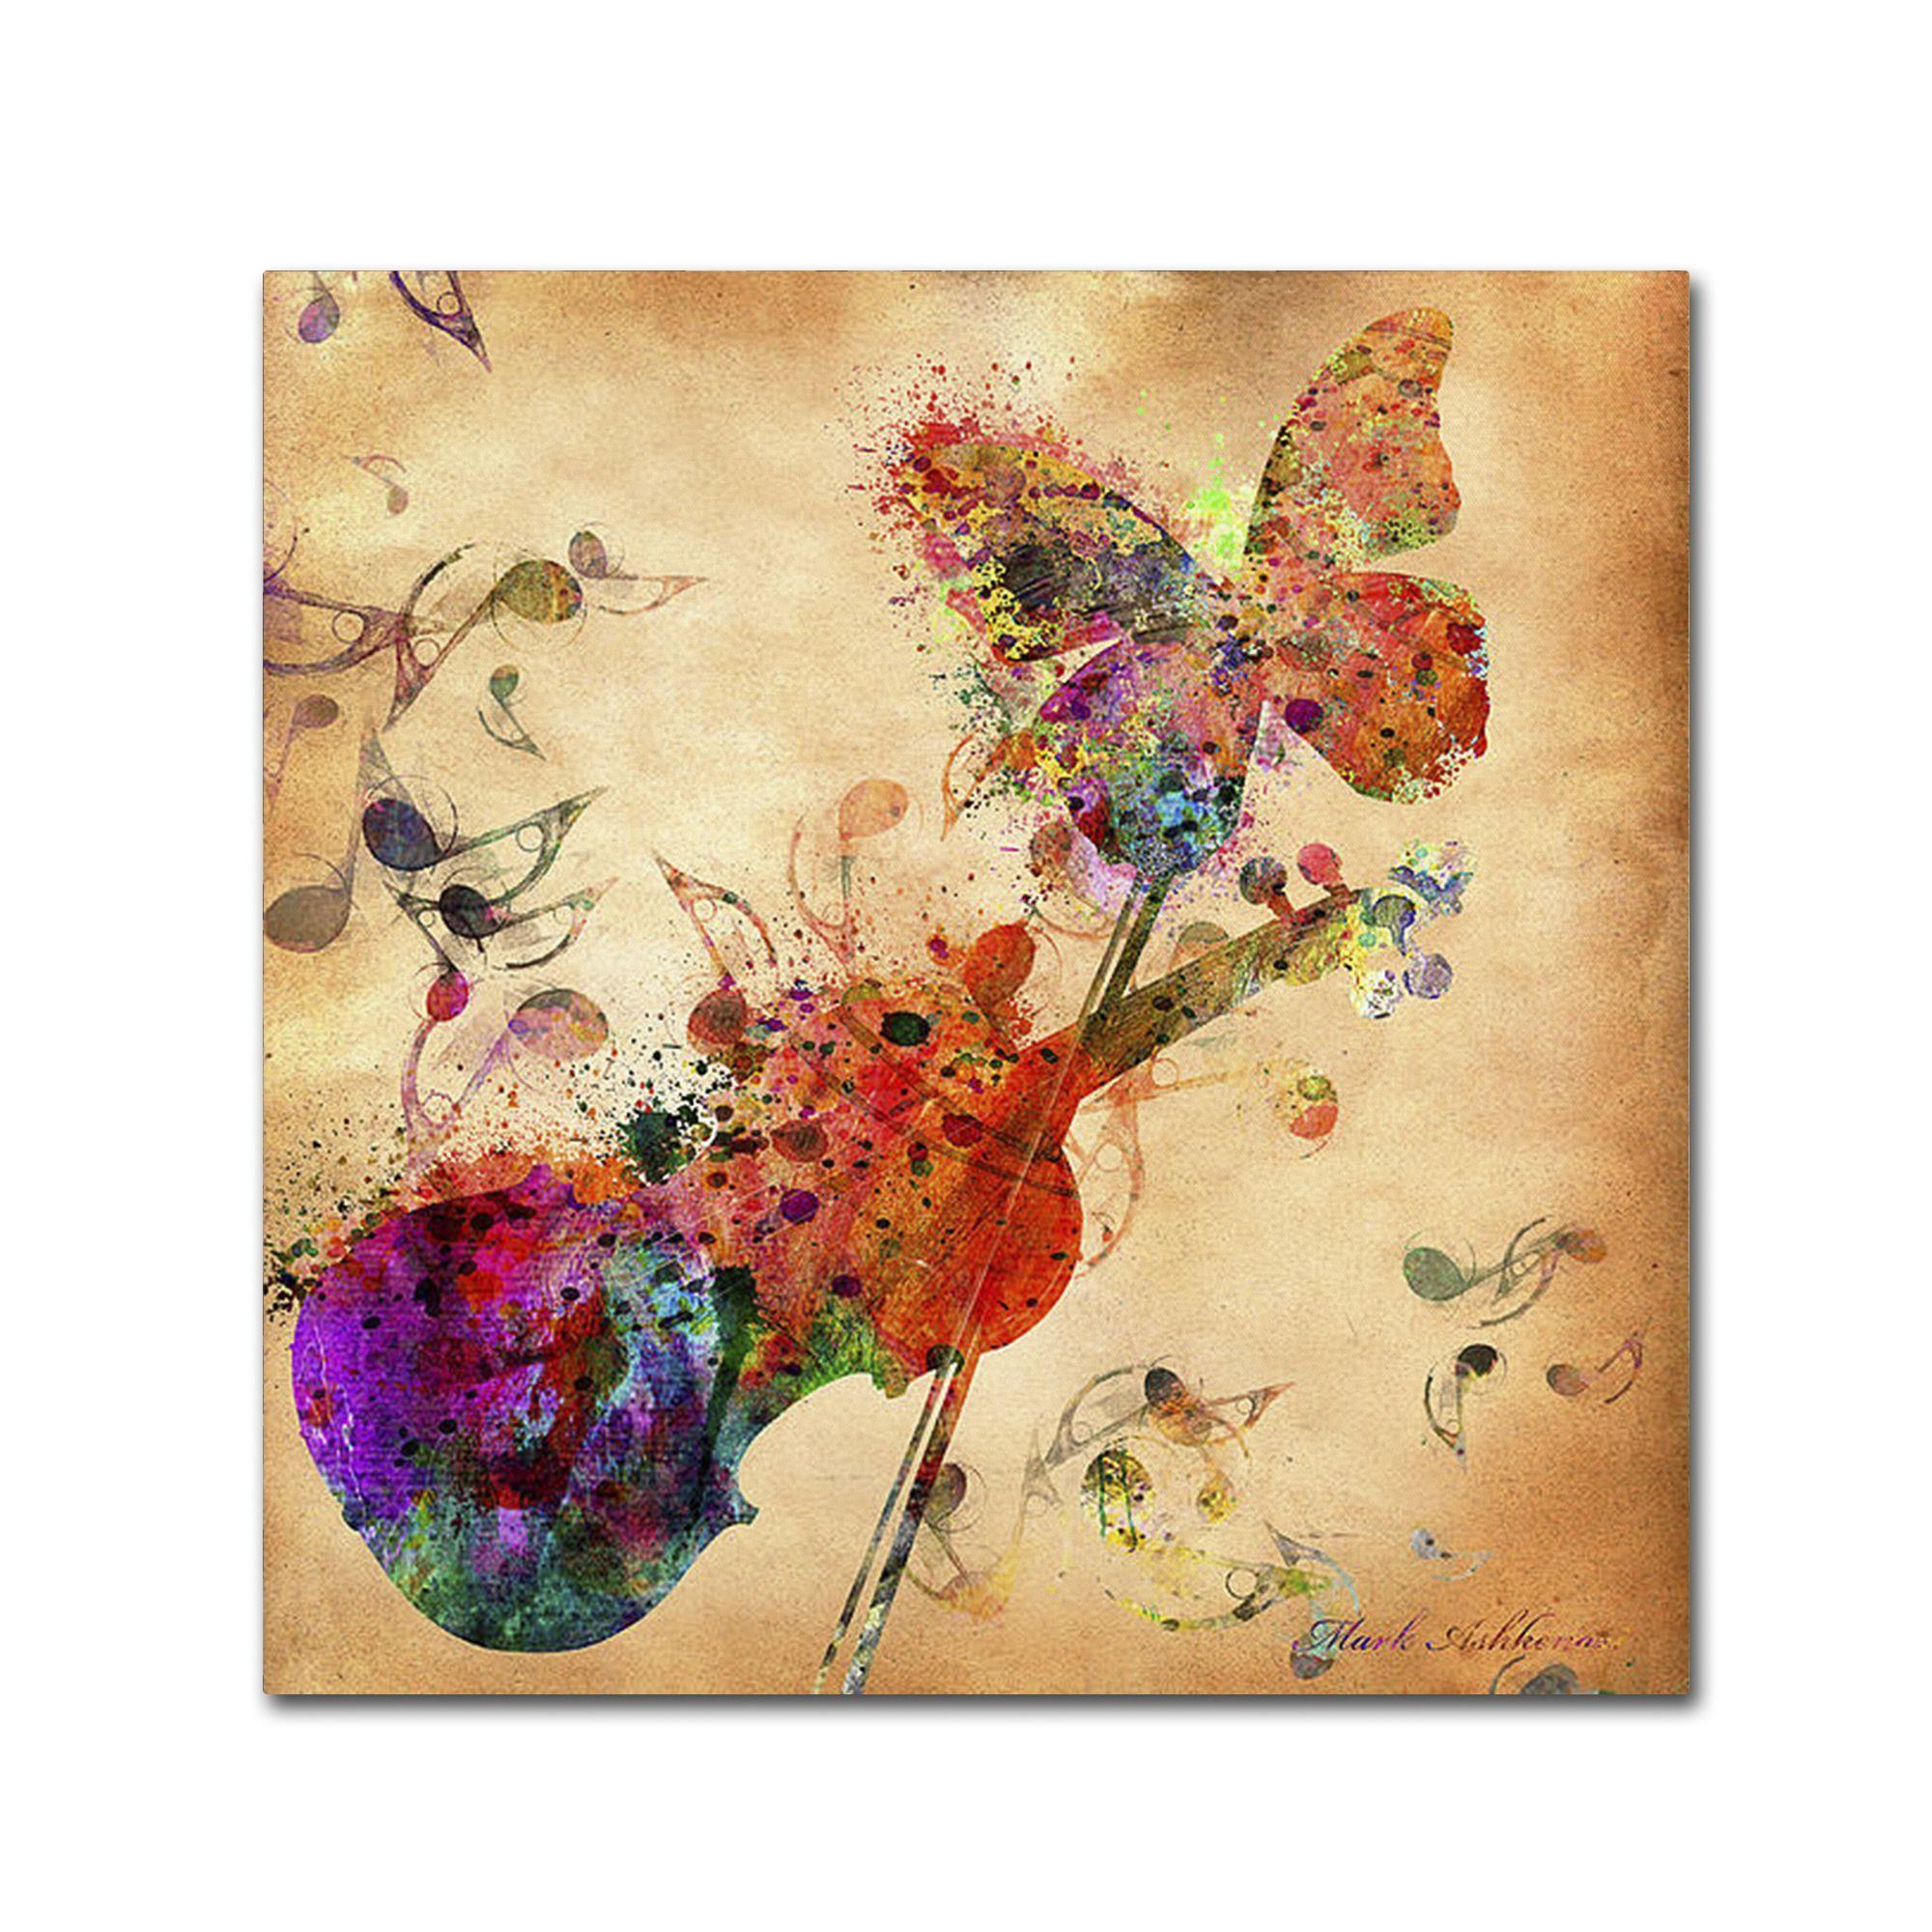 Mark Ashkenazi \'Love Music\' Wall Art | Products | Pinterest | Music ...